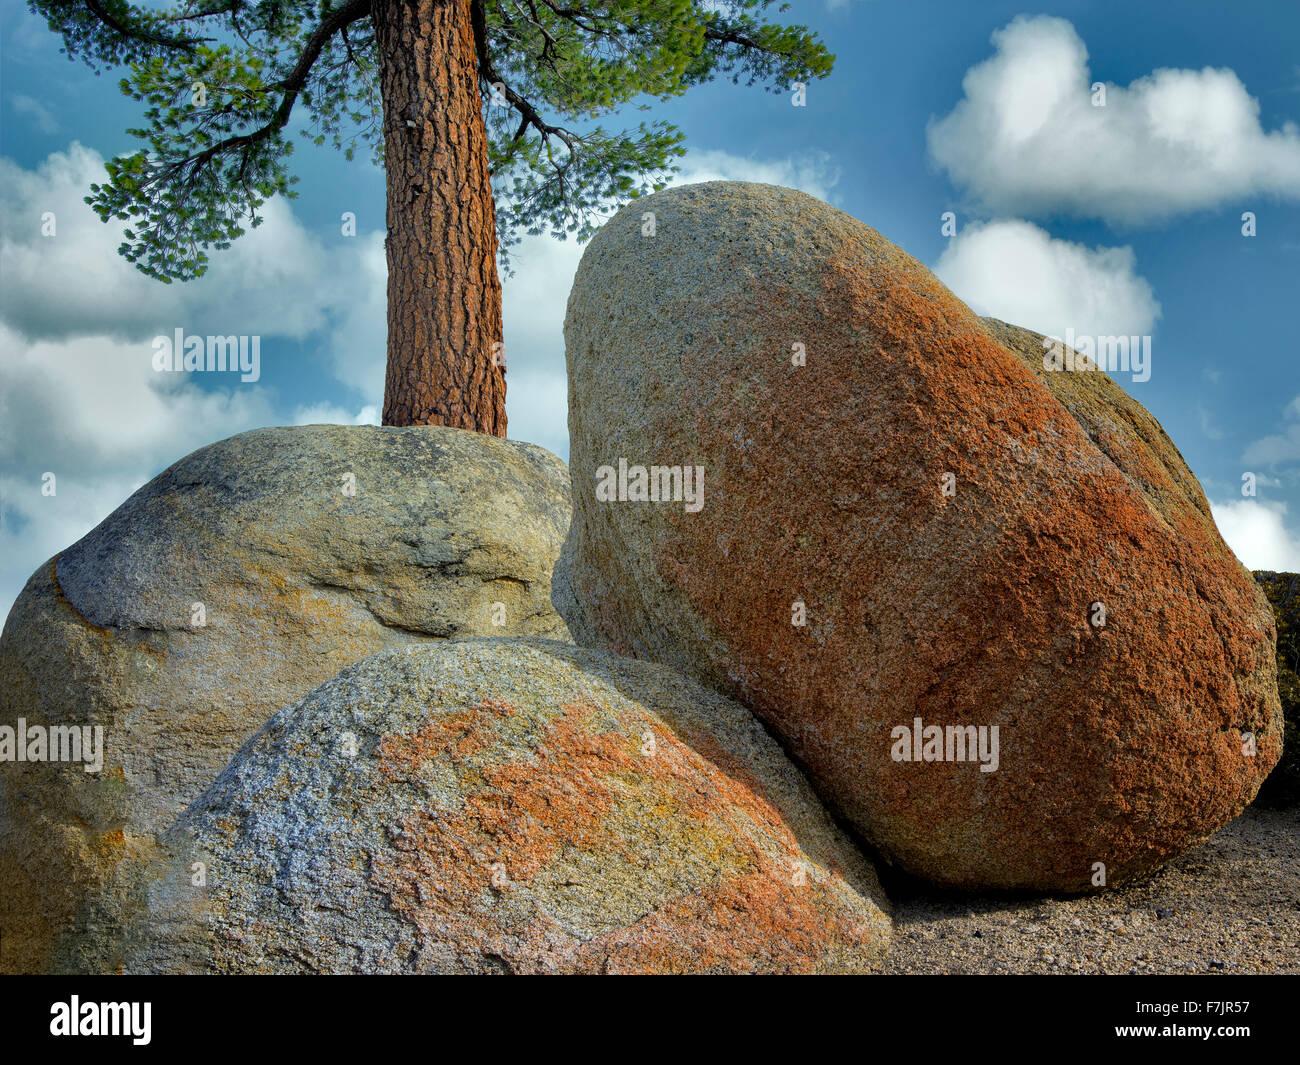 Ponderosa Pine Tree e colorato glaciale di granito massi erratici. Lake Tahoe, California Immagini Stock